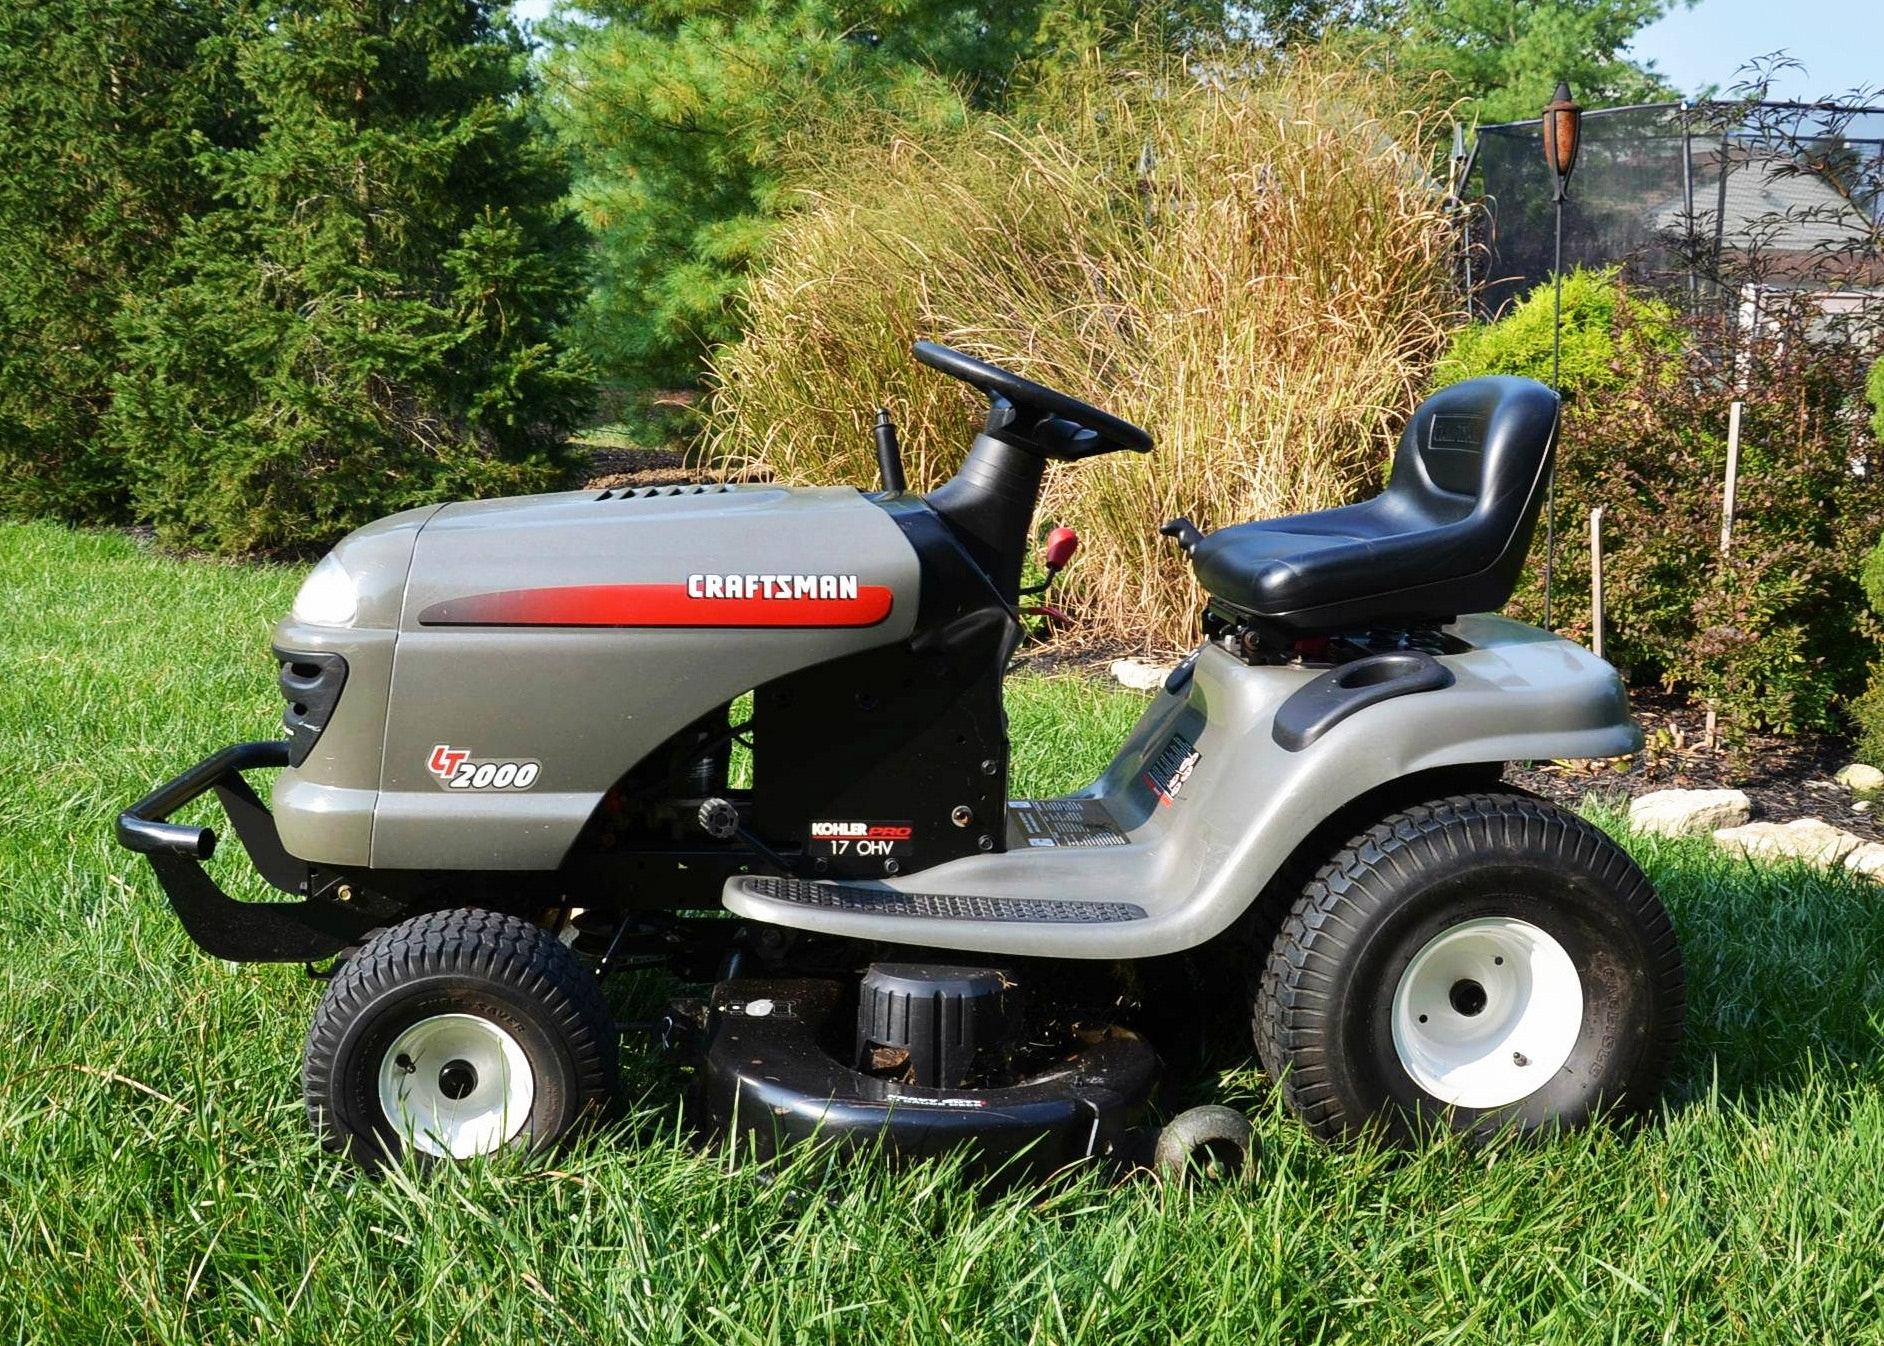 Lawn Mower Sales In Cincinnati About White Oak Lawn Mower